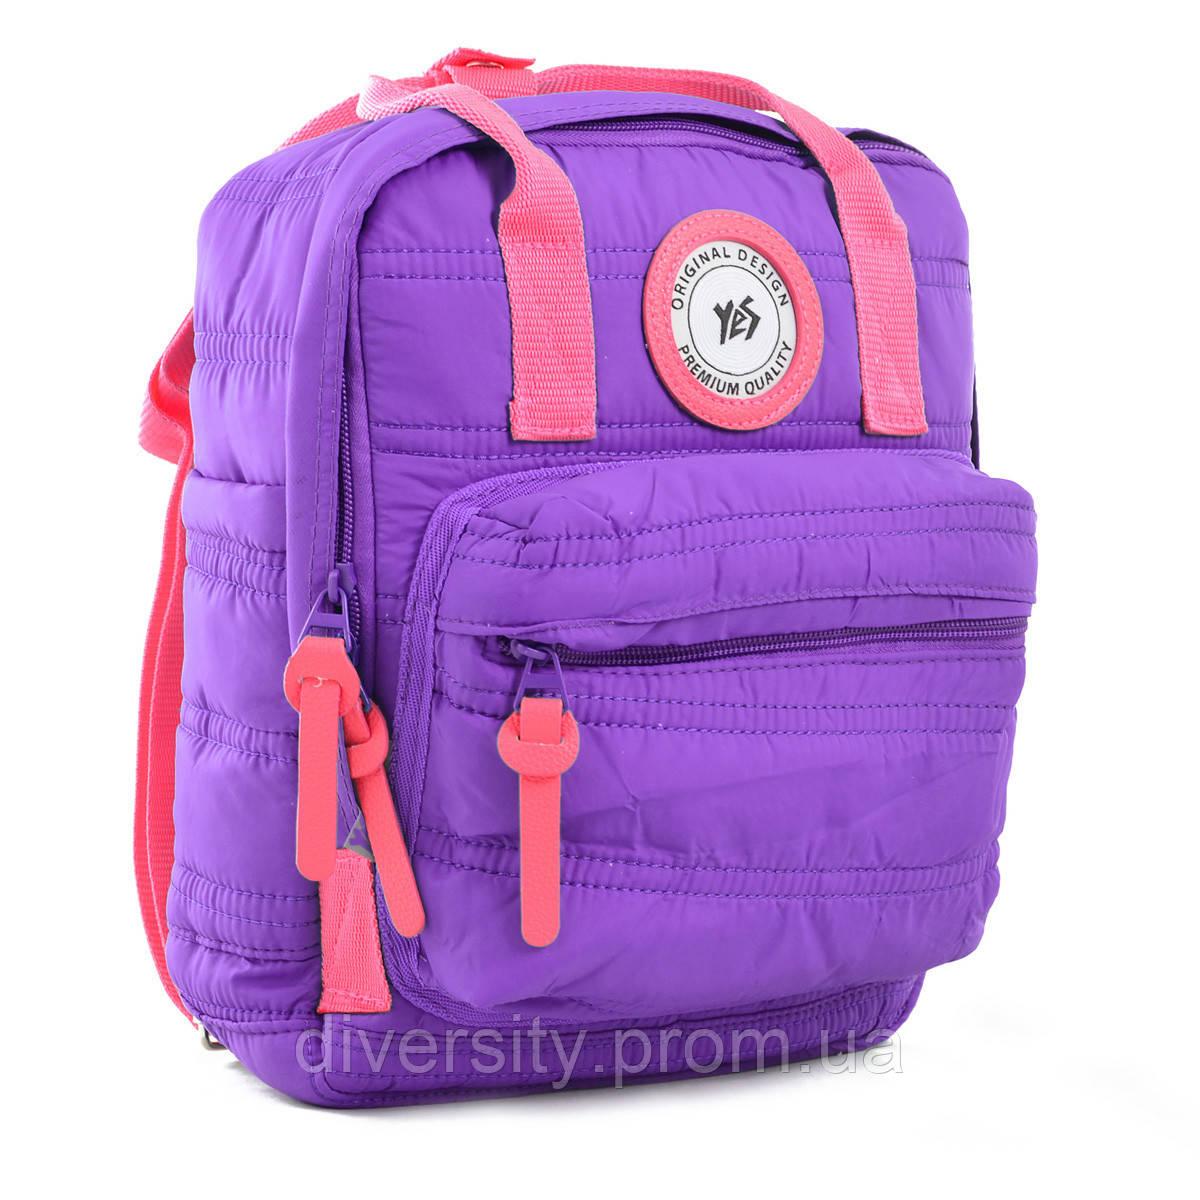 Молодежный рюкзак YES  ST-27 Mountain lavender, 29*23*10